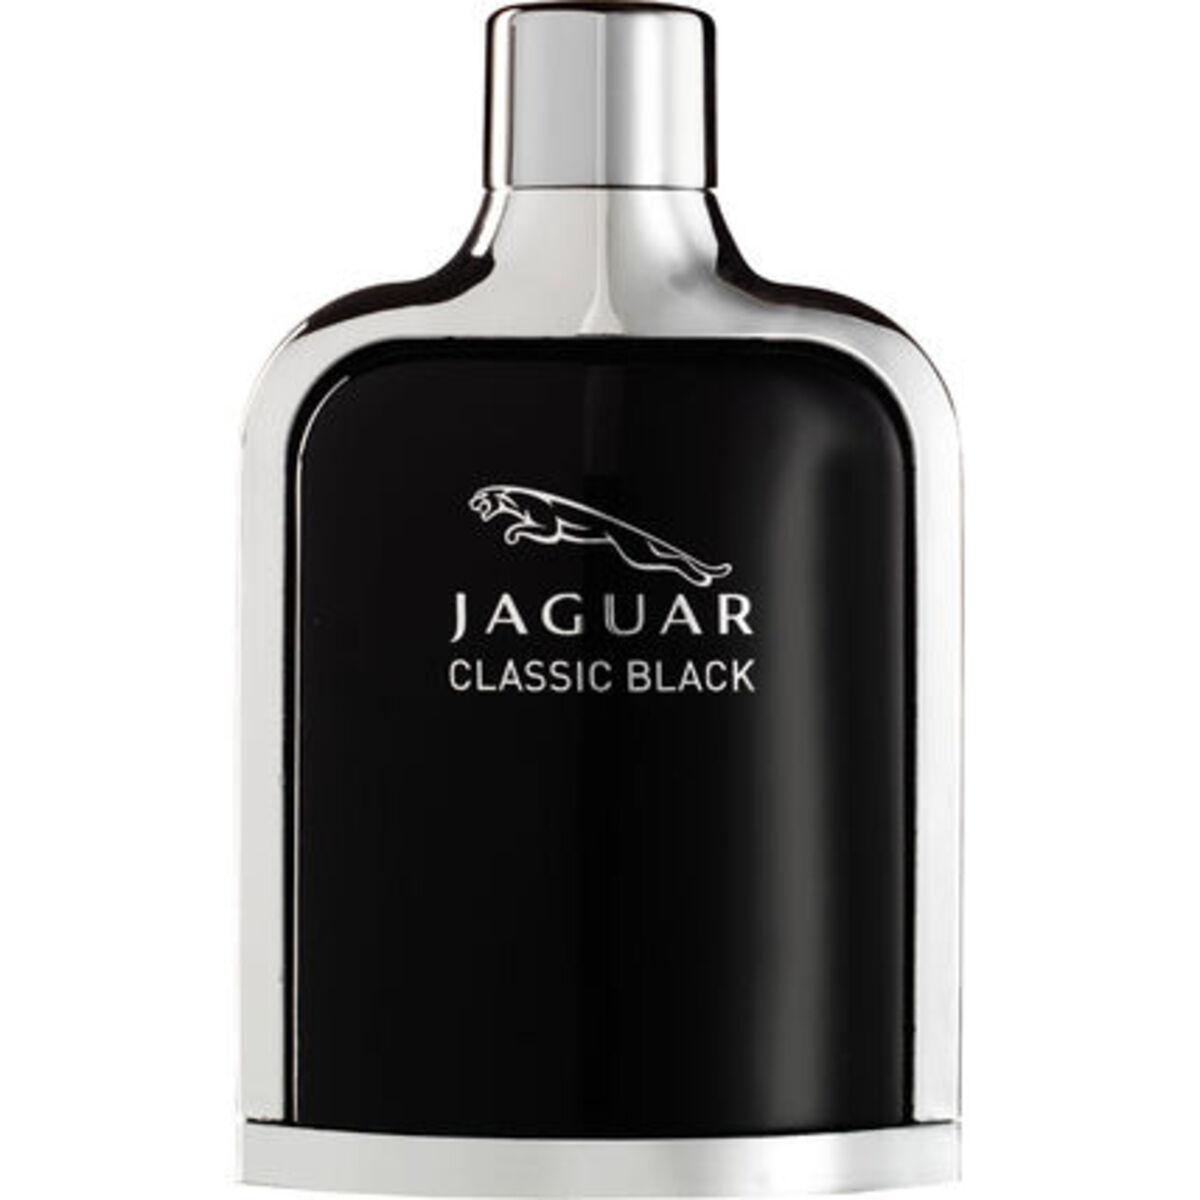 Bild 1 von Jaguar Classic Black, Eau de Toilette